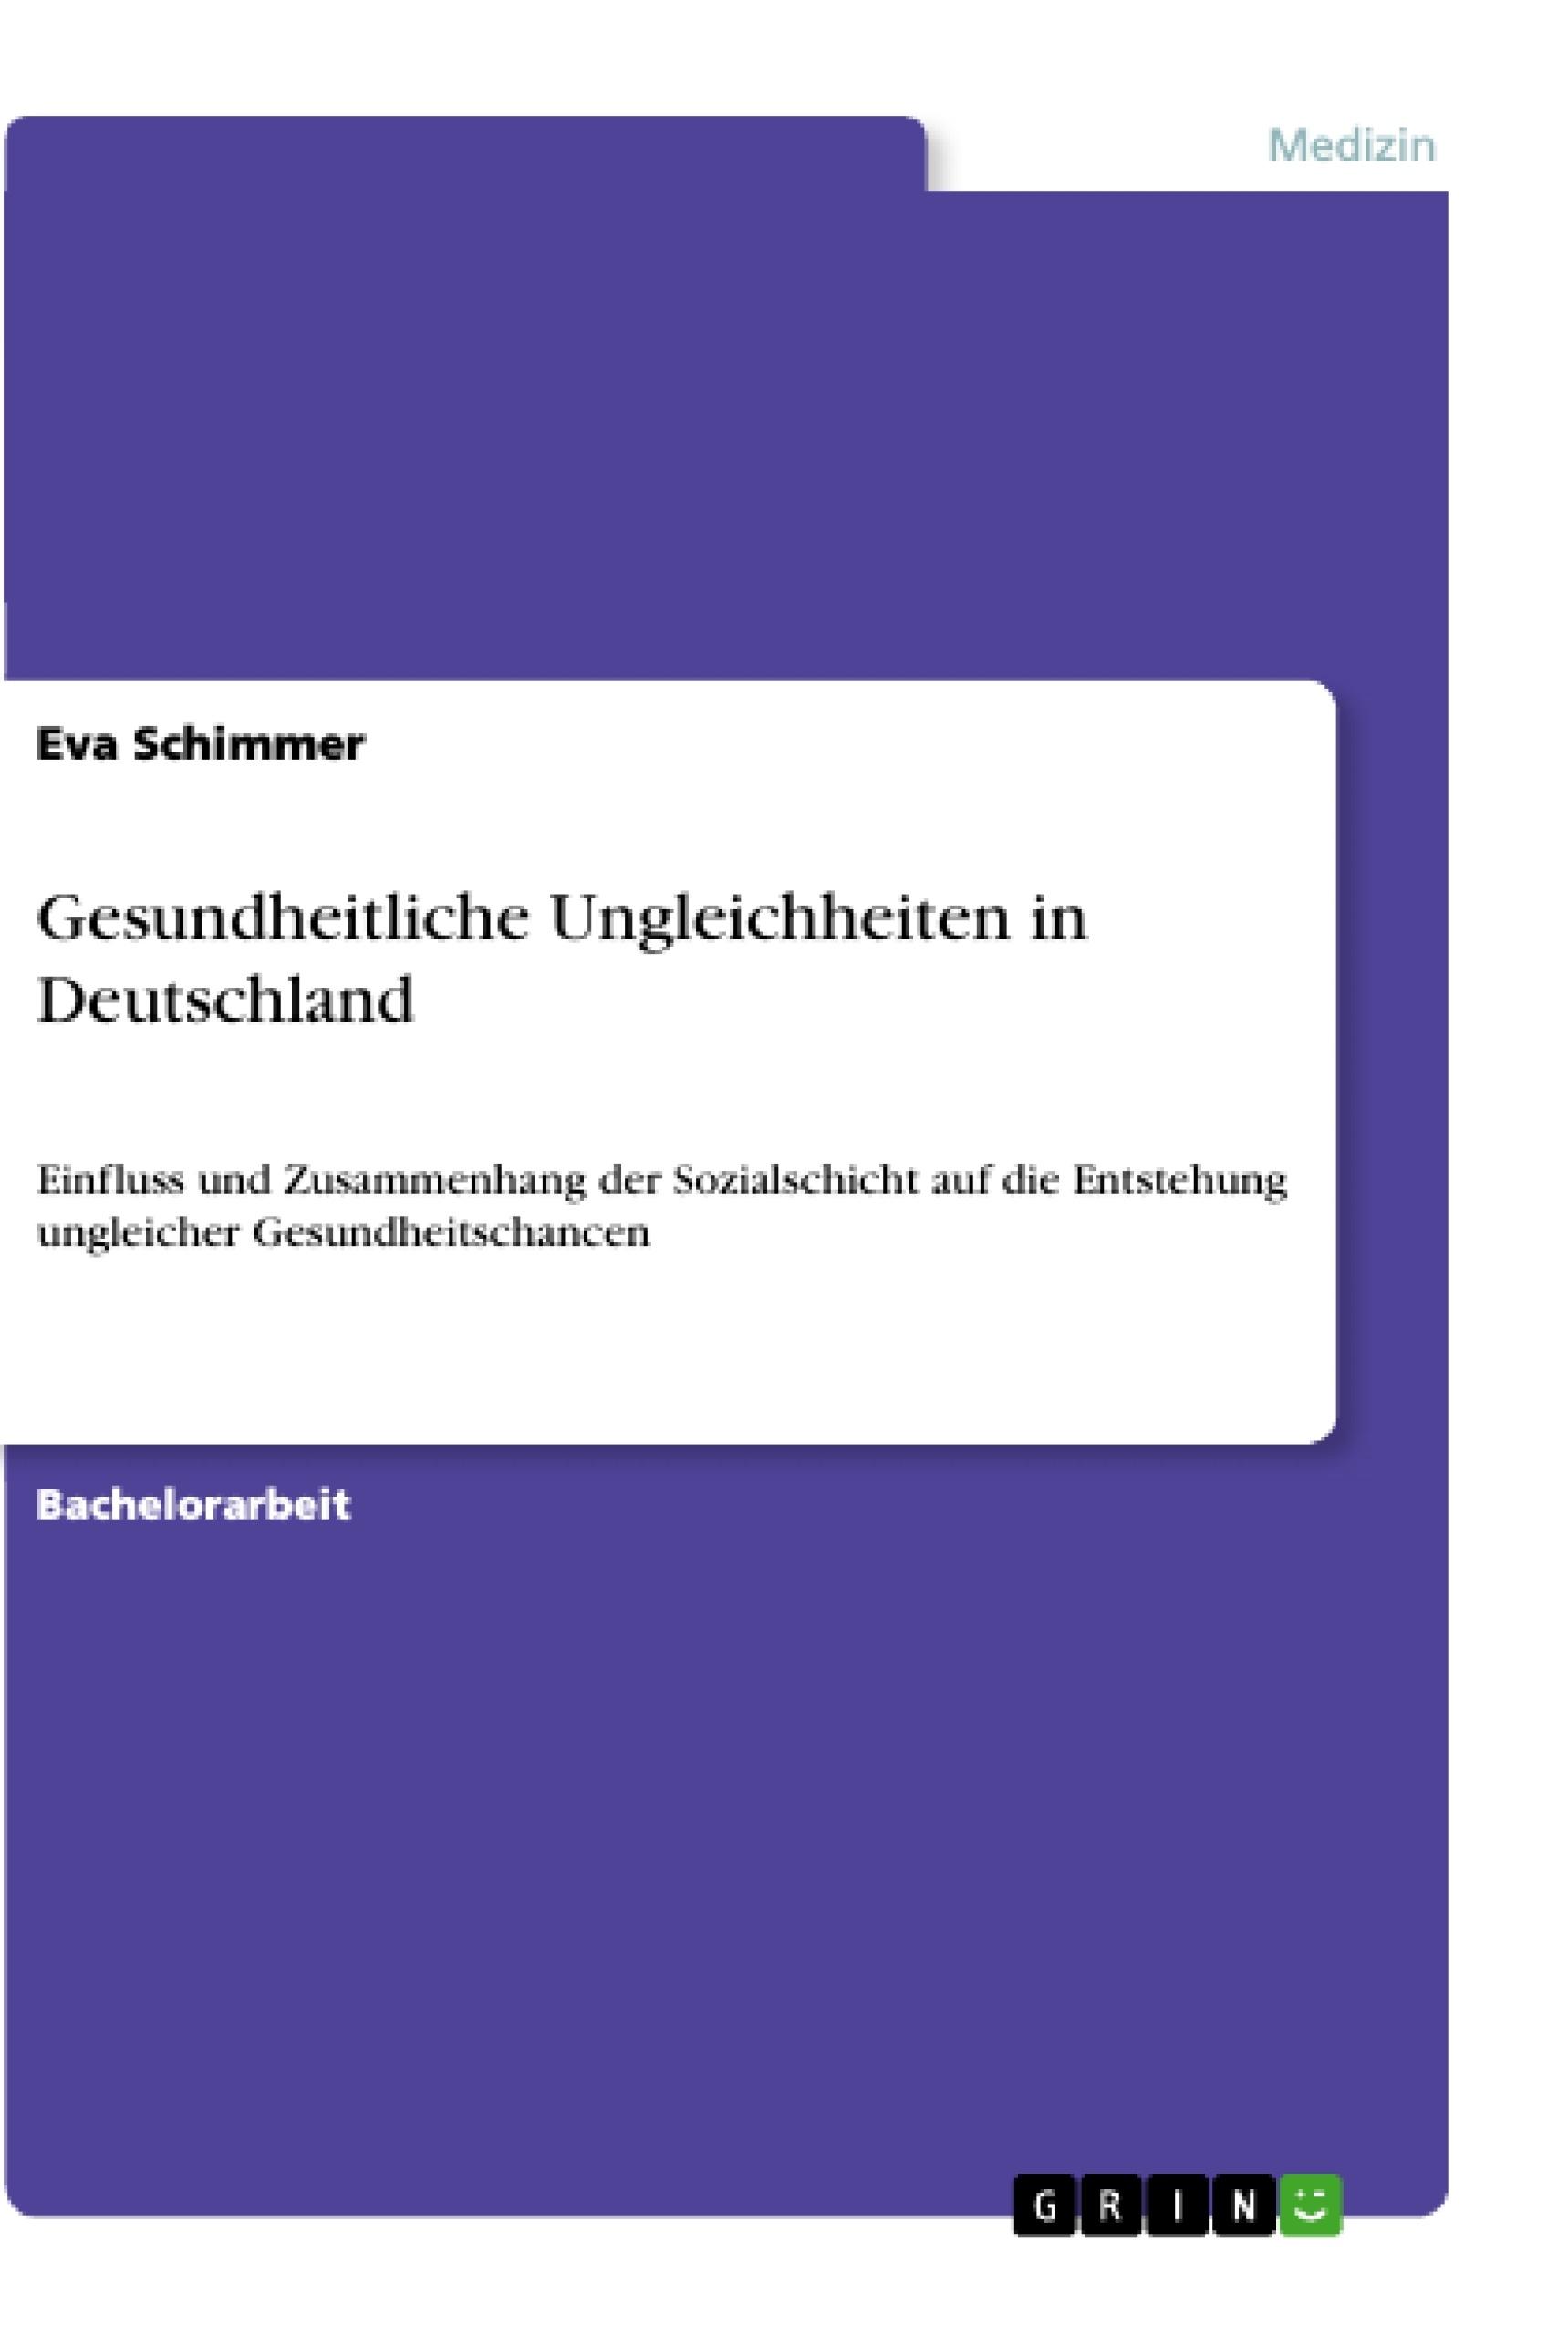 Titel: Gesundheitliche Ungleichheiten in Deutschland